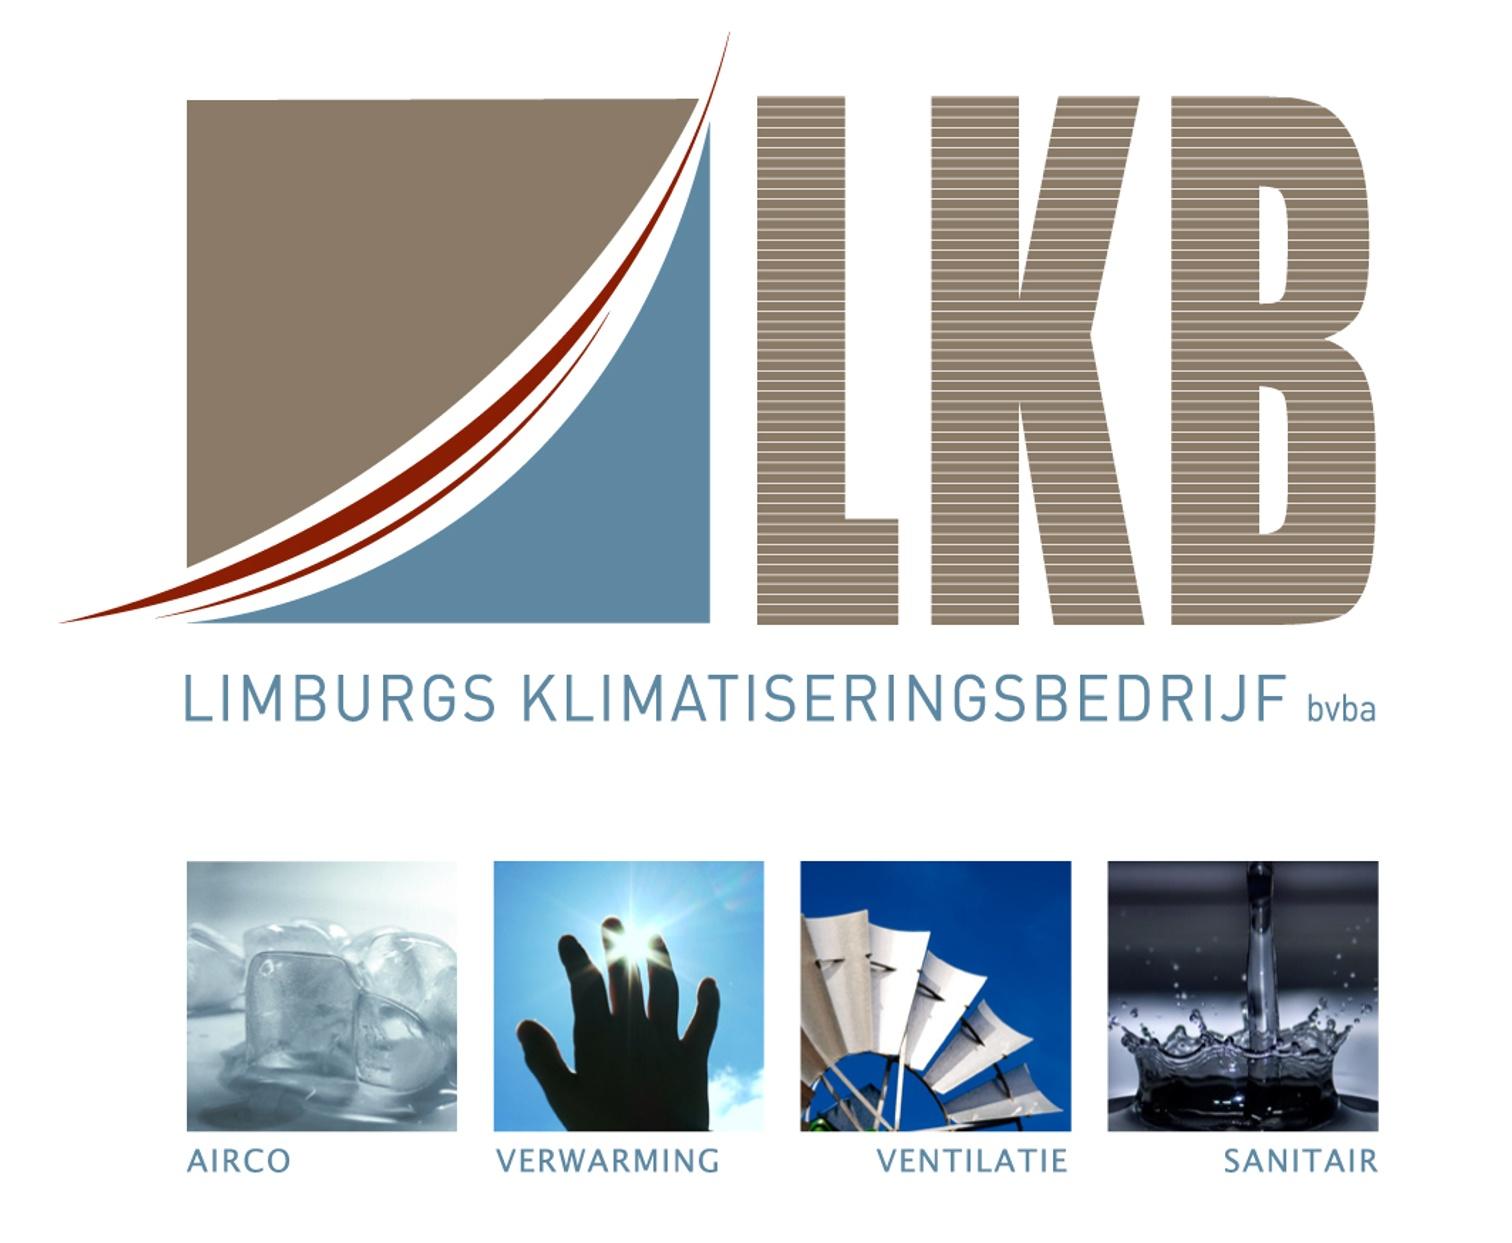 logo L.K.B.